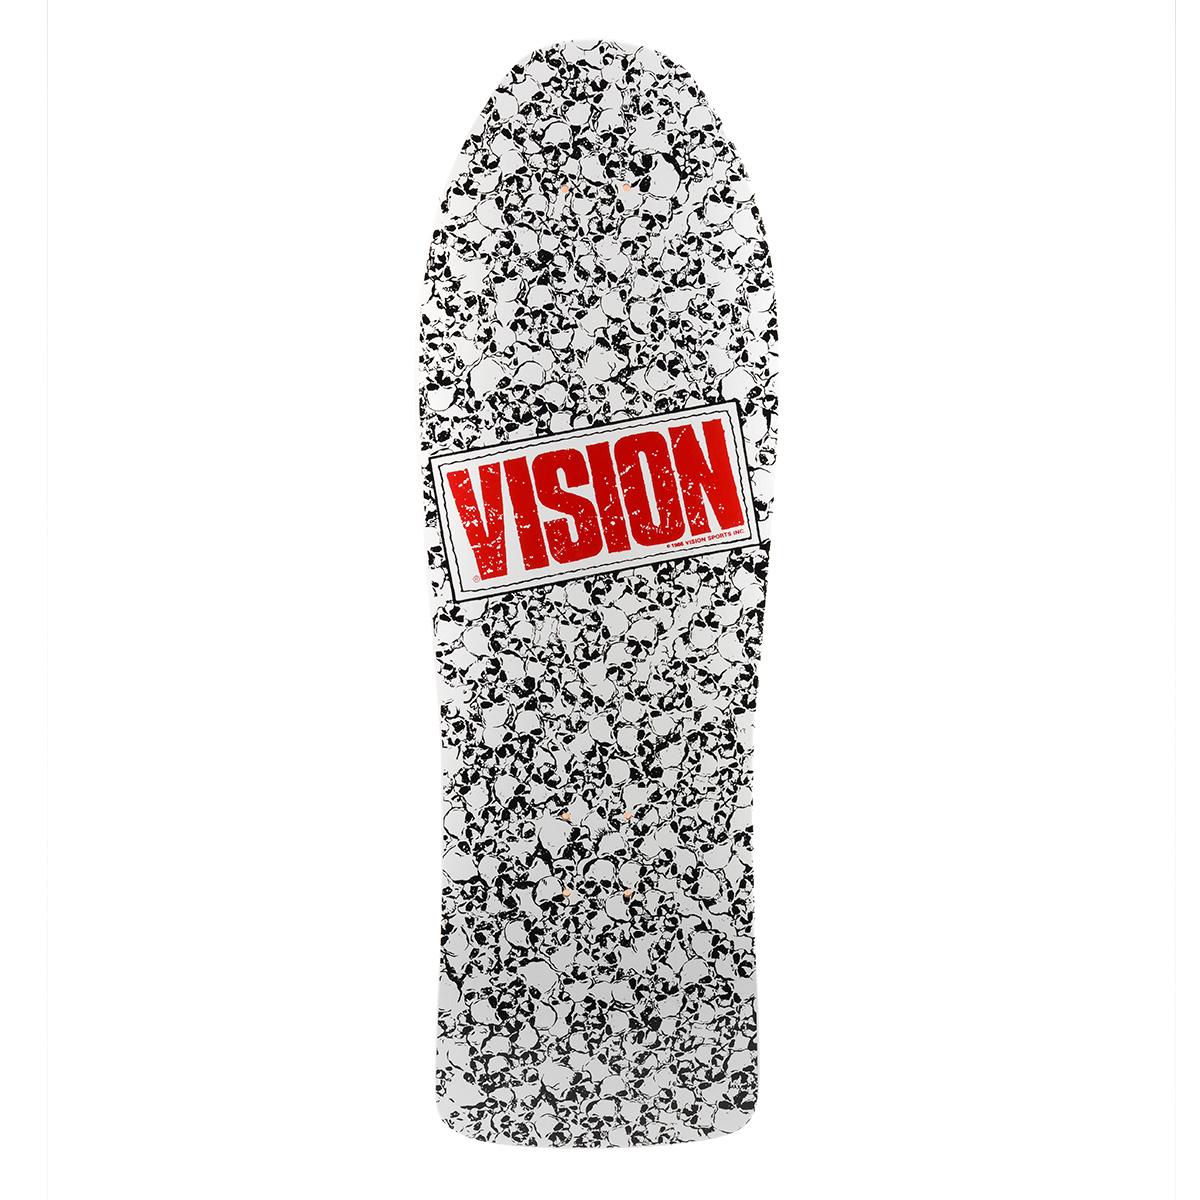 Vision_Punkskull_BD0V18_White_Bot.jpg